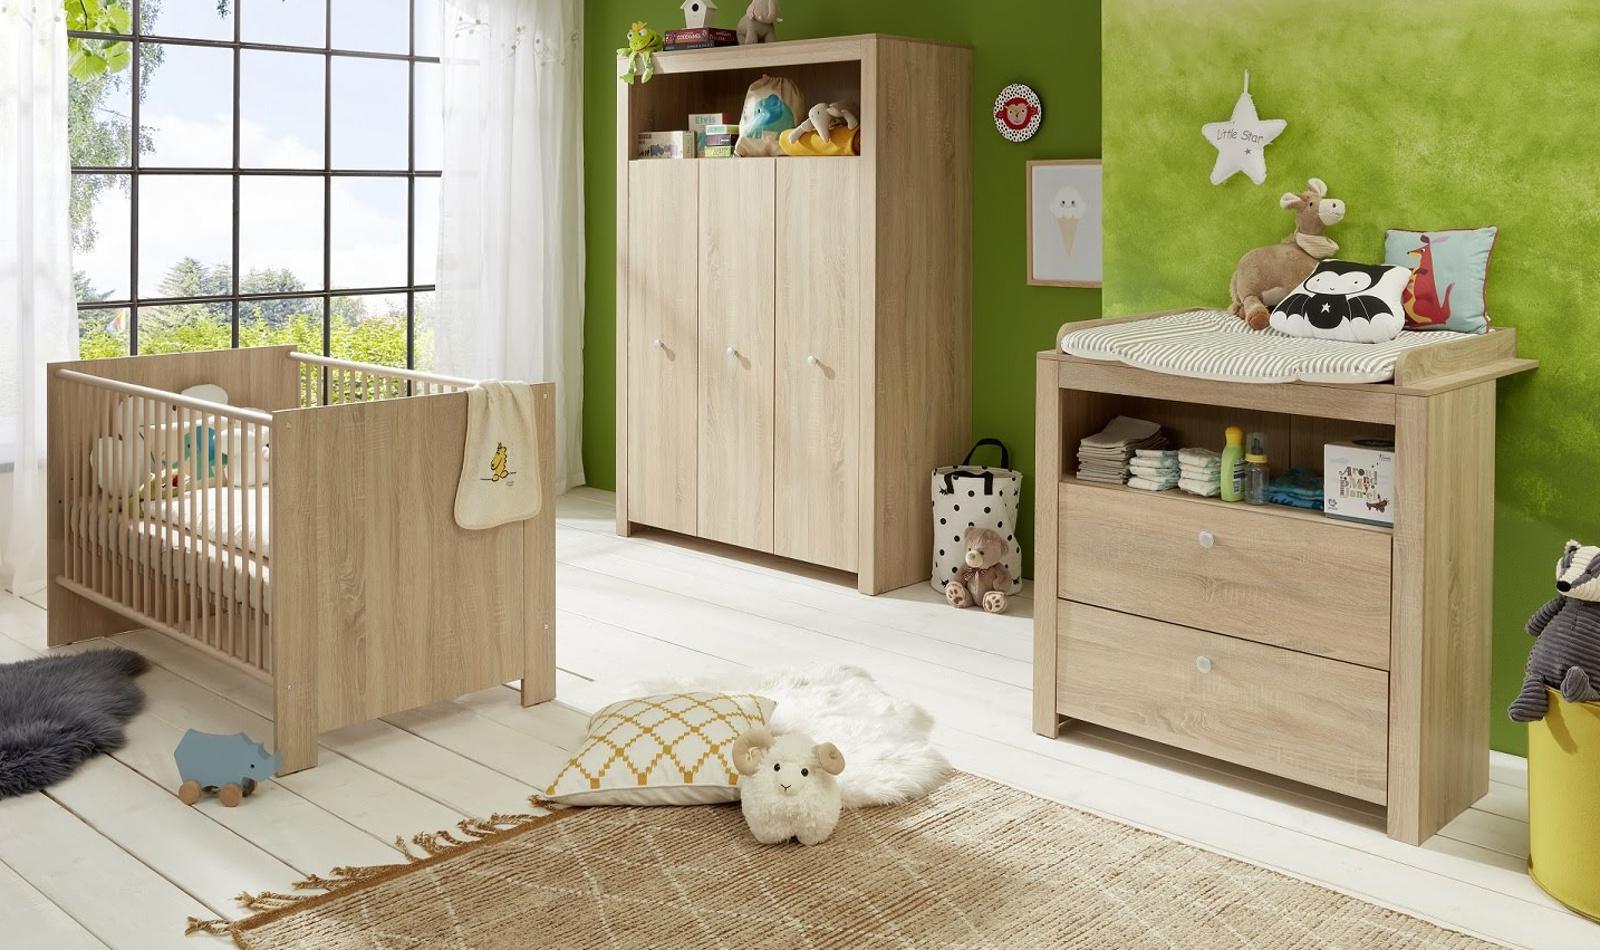 Babyzimmer Olivia Komplett Set 3 Teilig In Sonoma Eiche Hell Sagerau Mit Wickelkommode Kleiderschrank Und Babybett